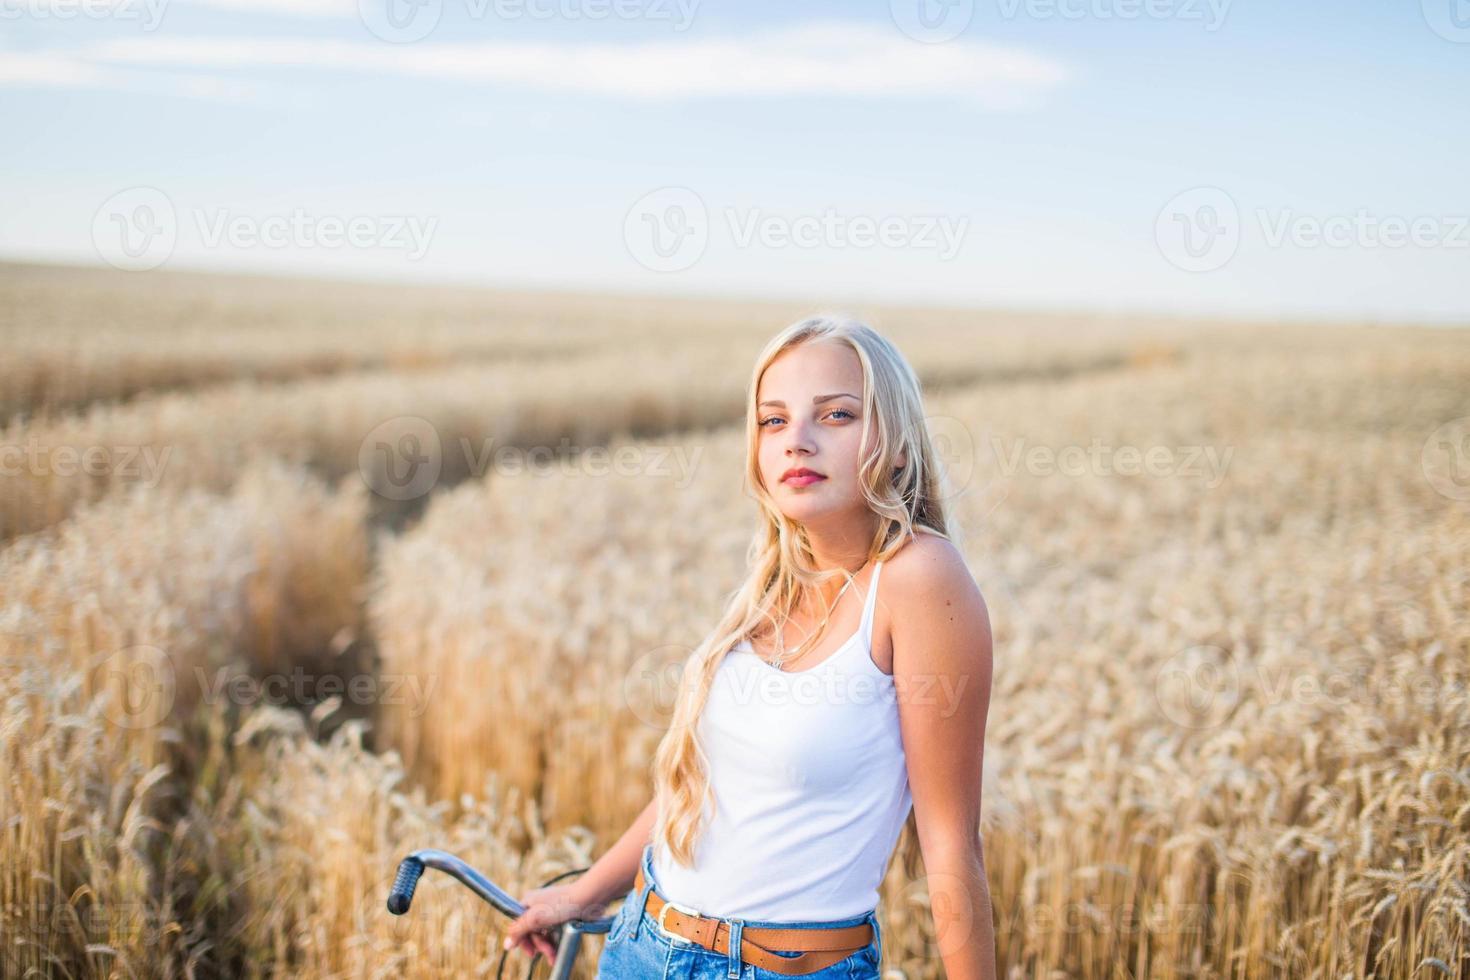 jong meisje lacht in het veld foto